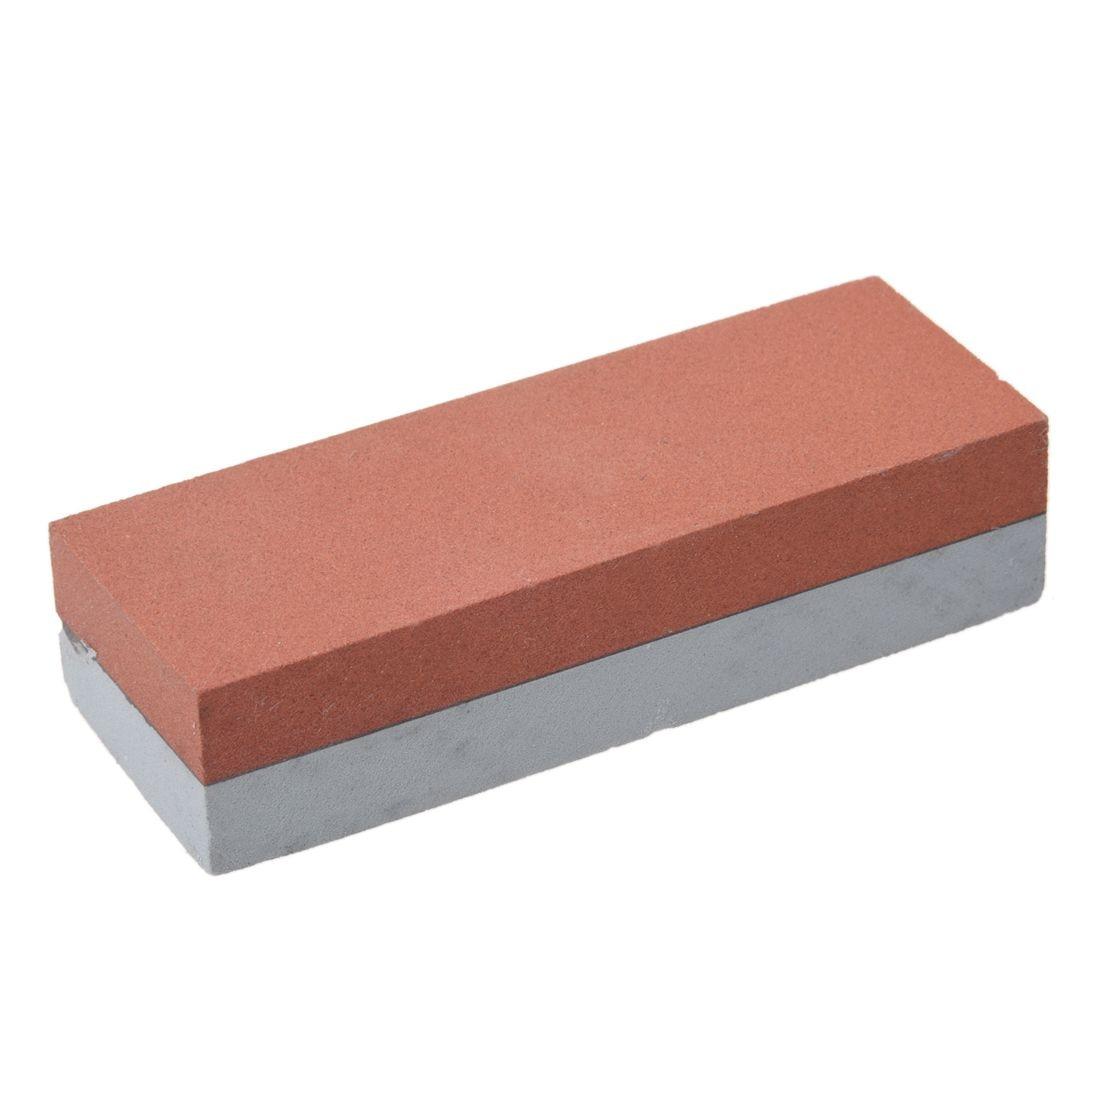 Combinación de afilador de cuchillos de doble cara, piedra de afilado, óxido de alúmina y piedra de afilar, piedras compuestas de carborundo